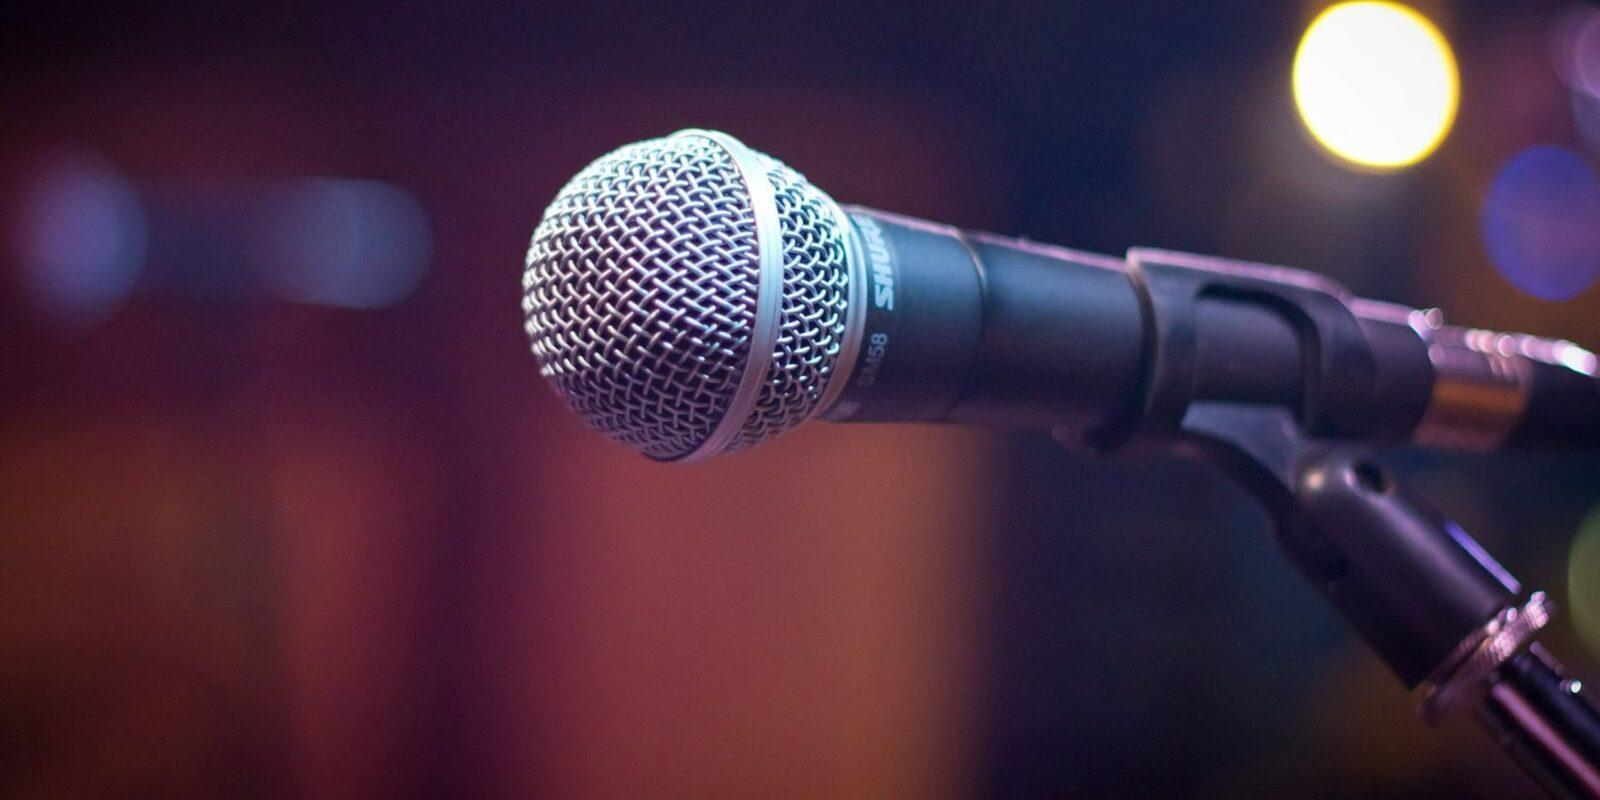 Как отвечать на неудобные вопросы - микрофон